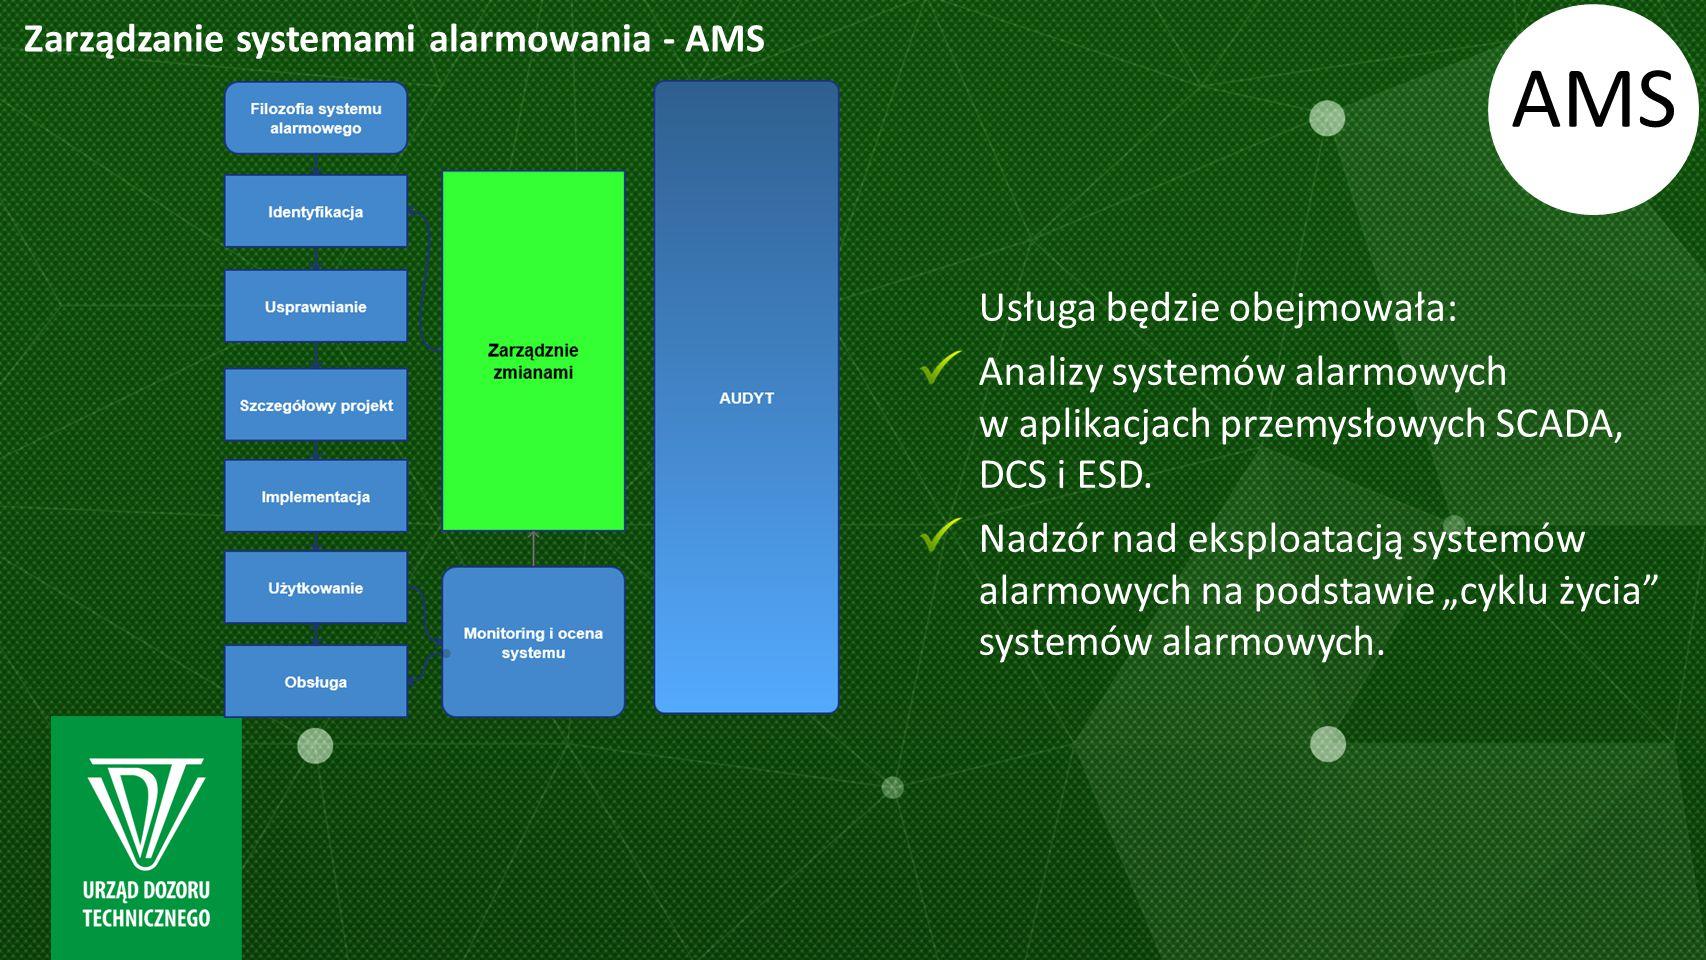 AMS Zarządzanie systemami alarmowania - AMS Usługa będzie obejmowała: Analizy systemów alarmowych w aplikacjach przemysłowych SCADA, DCS i ESD. Nadzór